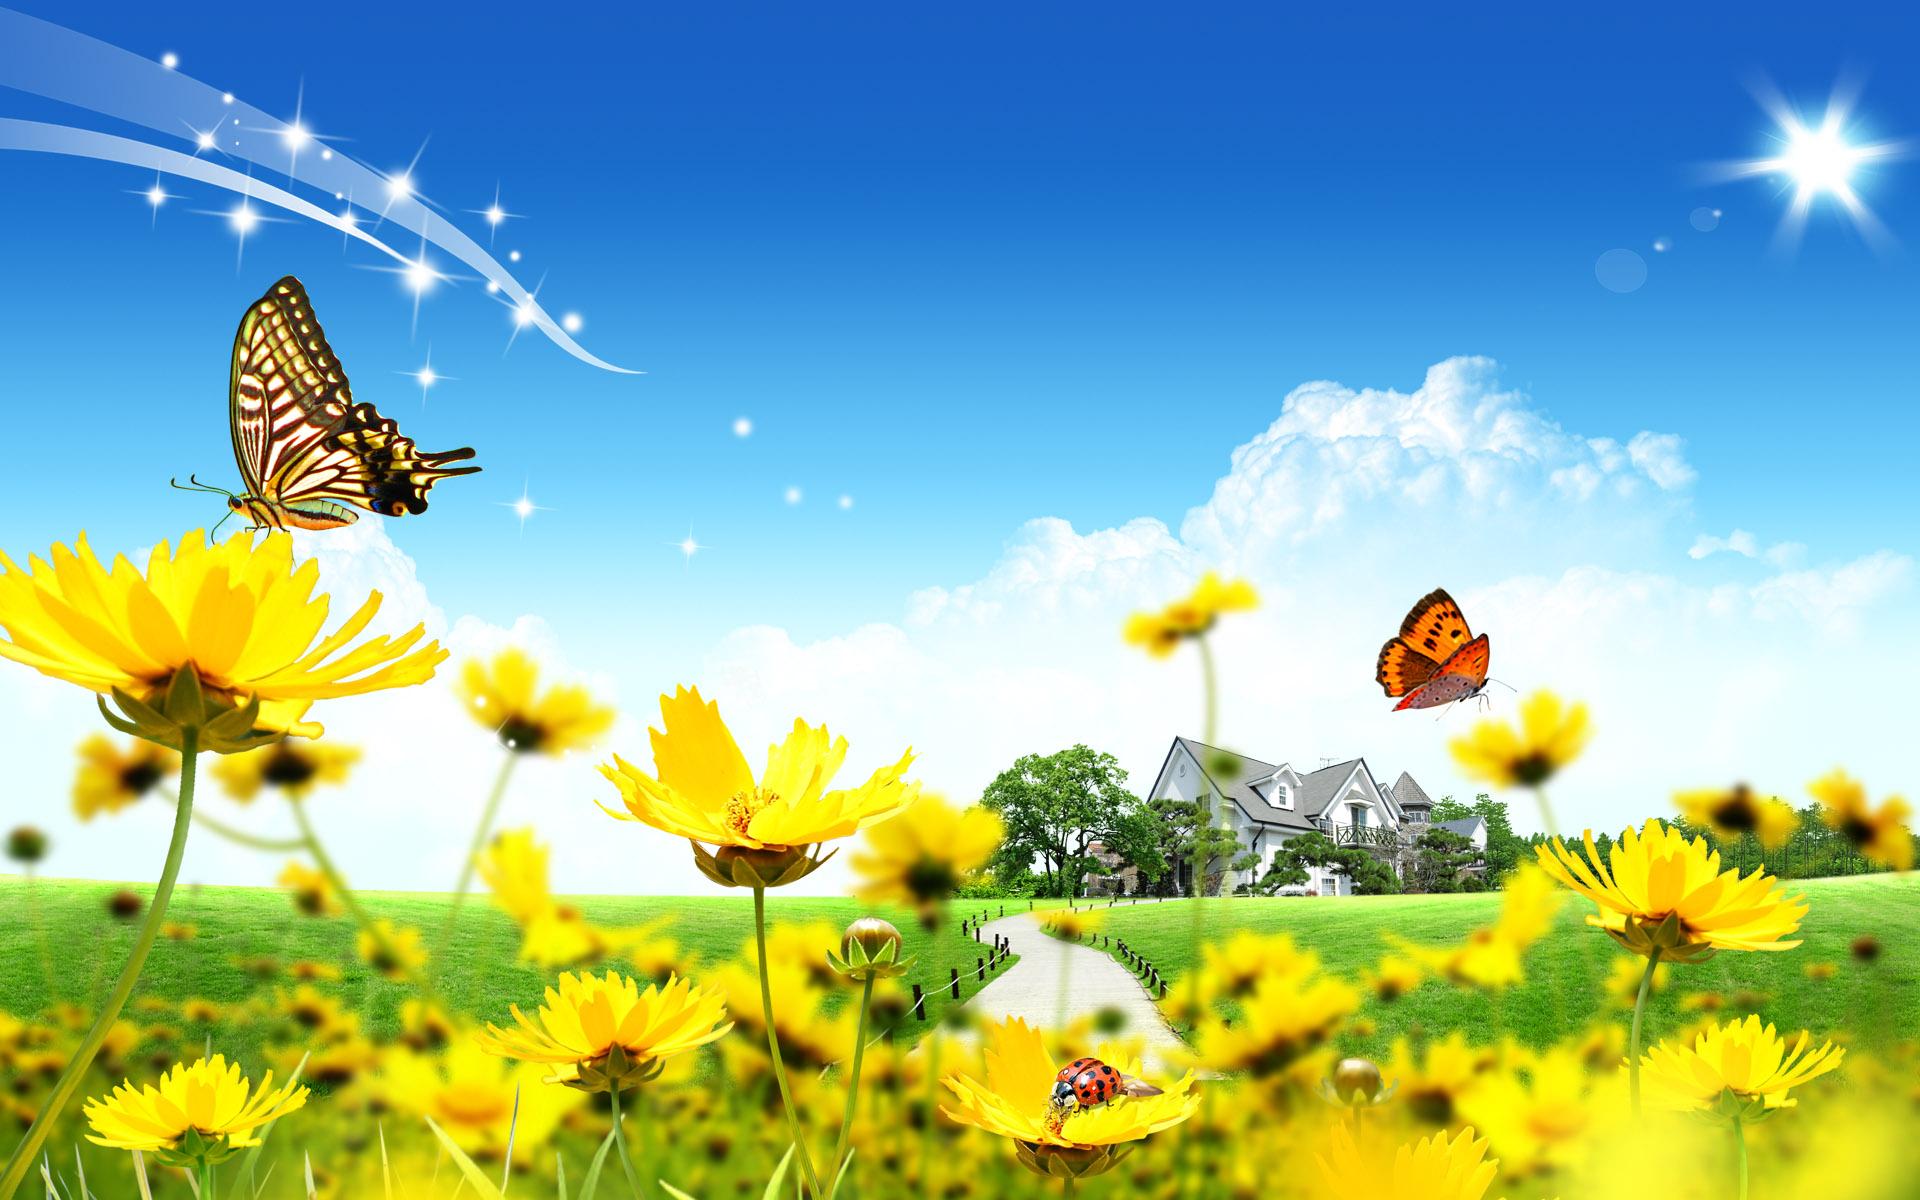 Flower Love Nature Wallpaper Hd For Mobile